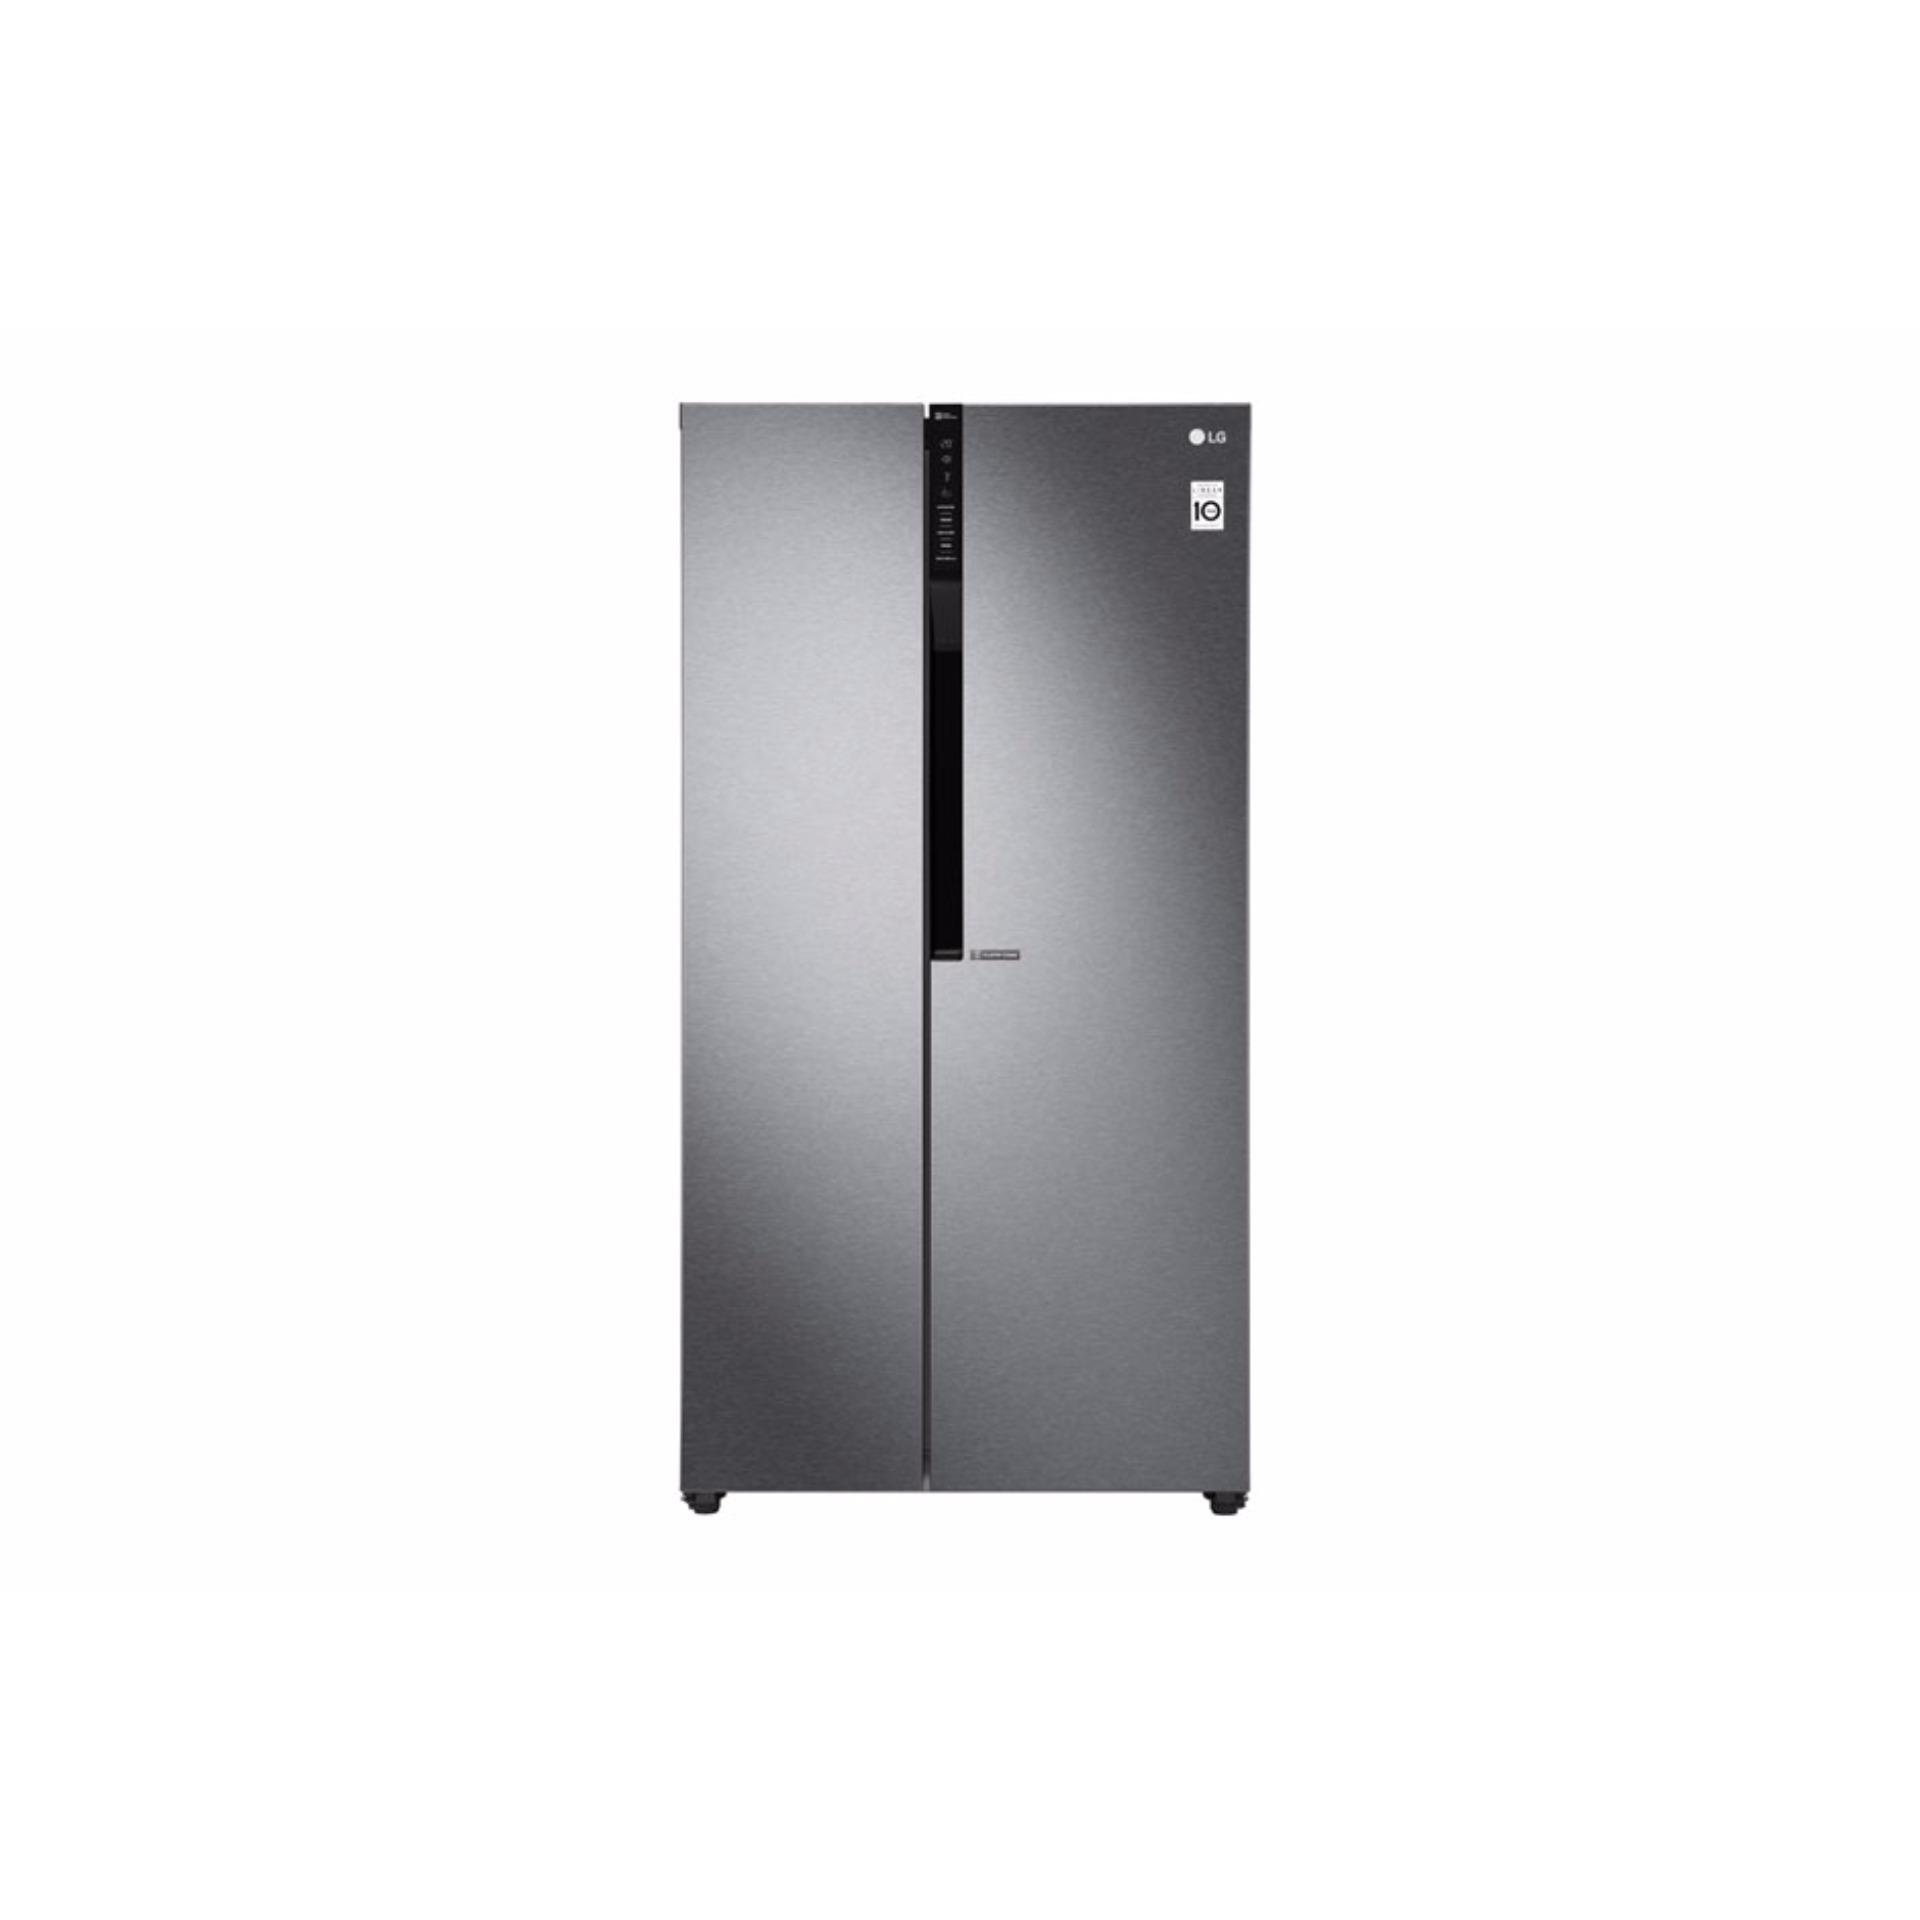 Tủ lạnh SBS LG GR-B247JDS (Bạc)